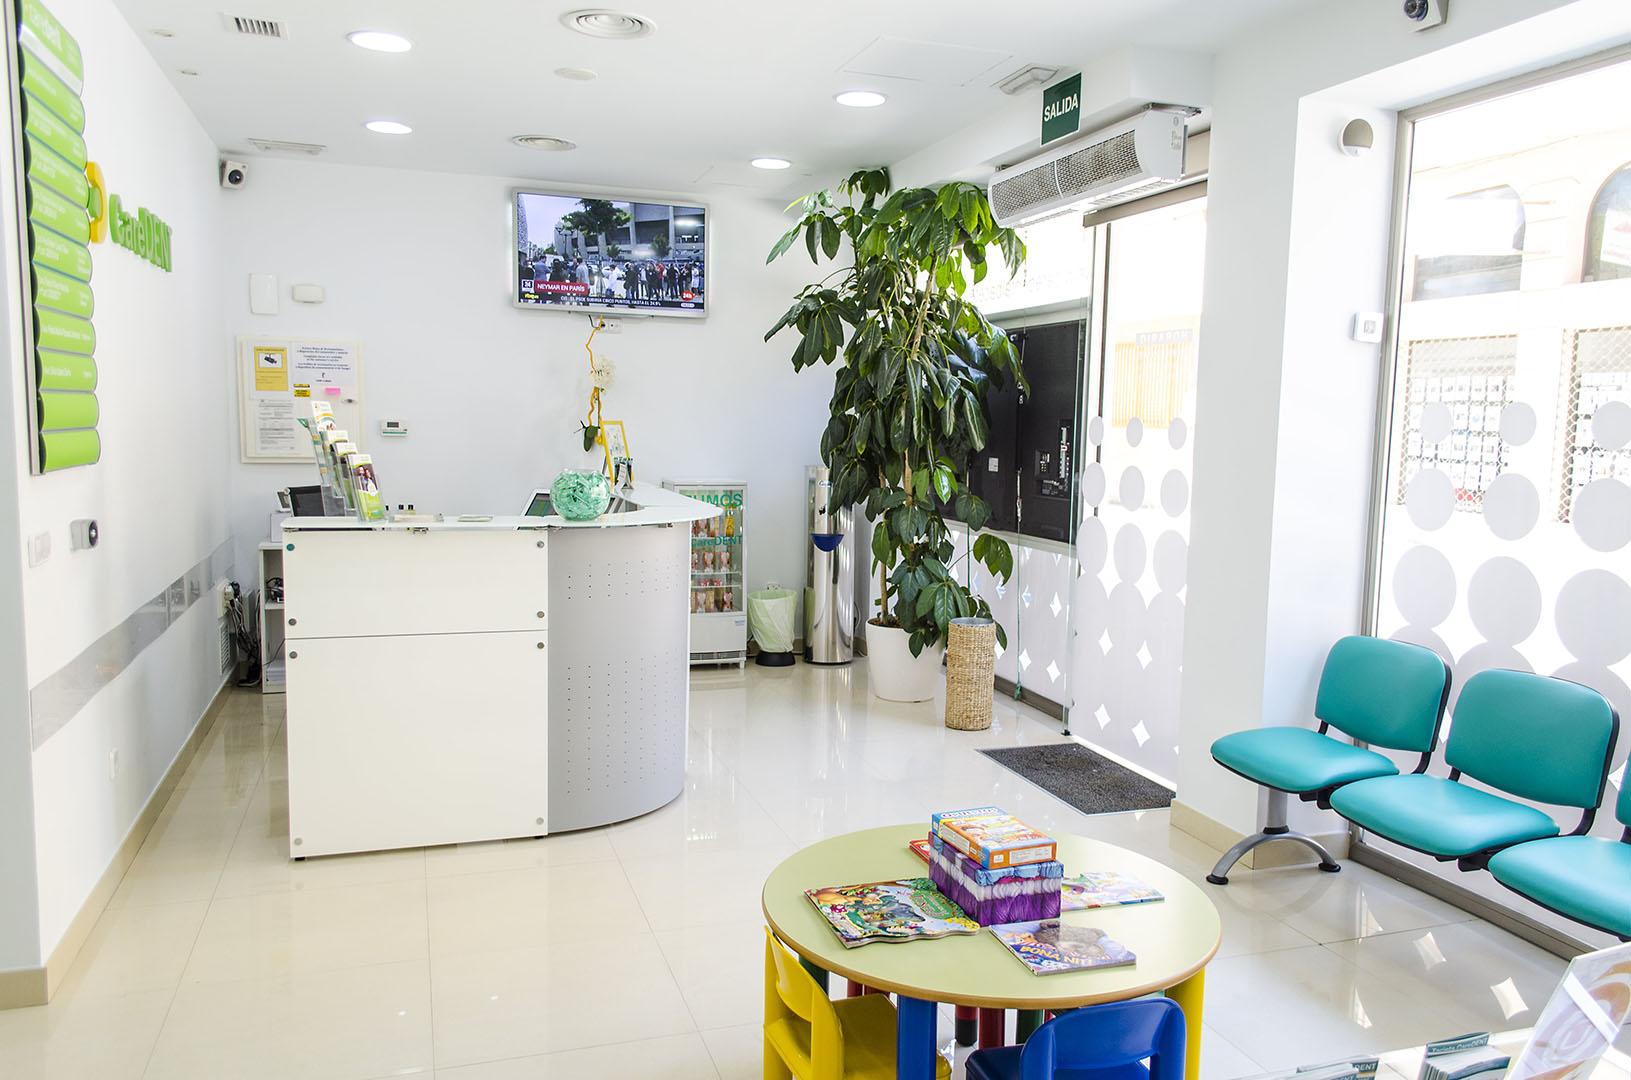 Caredent Albacete clínica dental - entrada y recepción